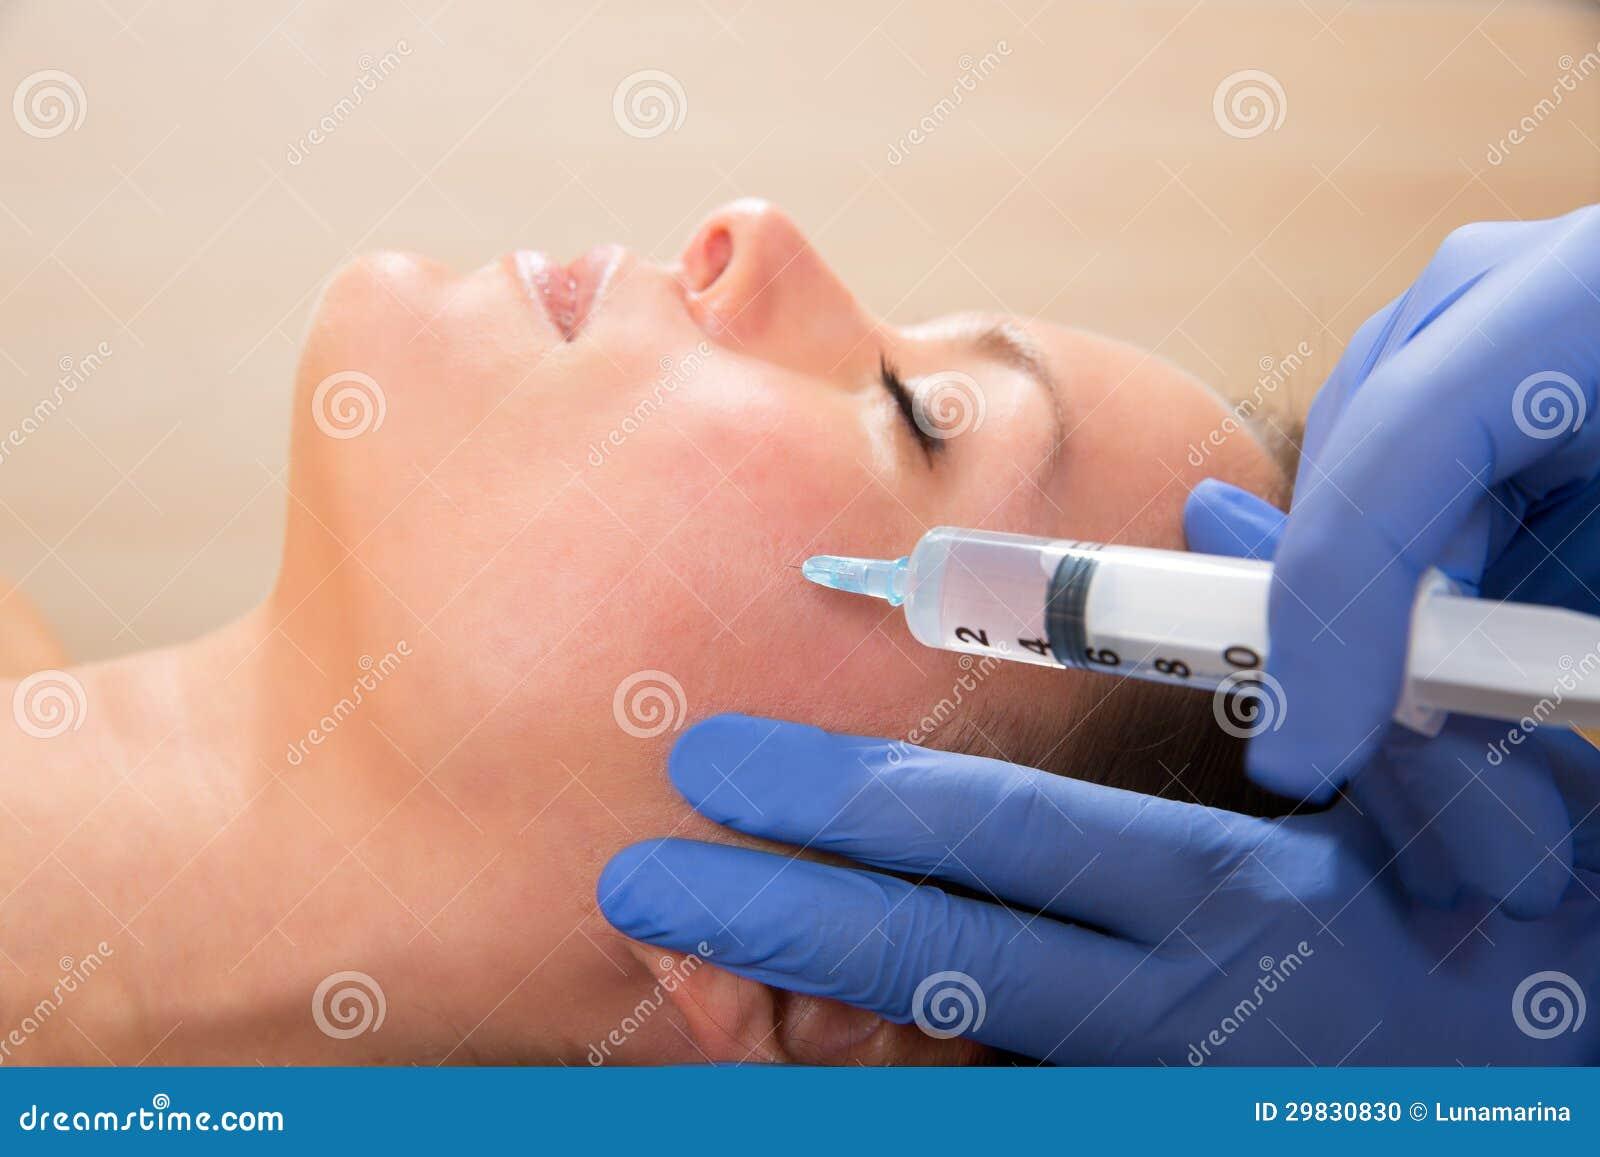 Seringa mesotherapy facial antienvelhecimento na cara da mulher